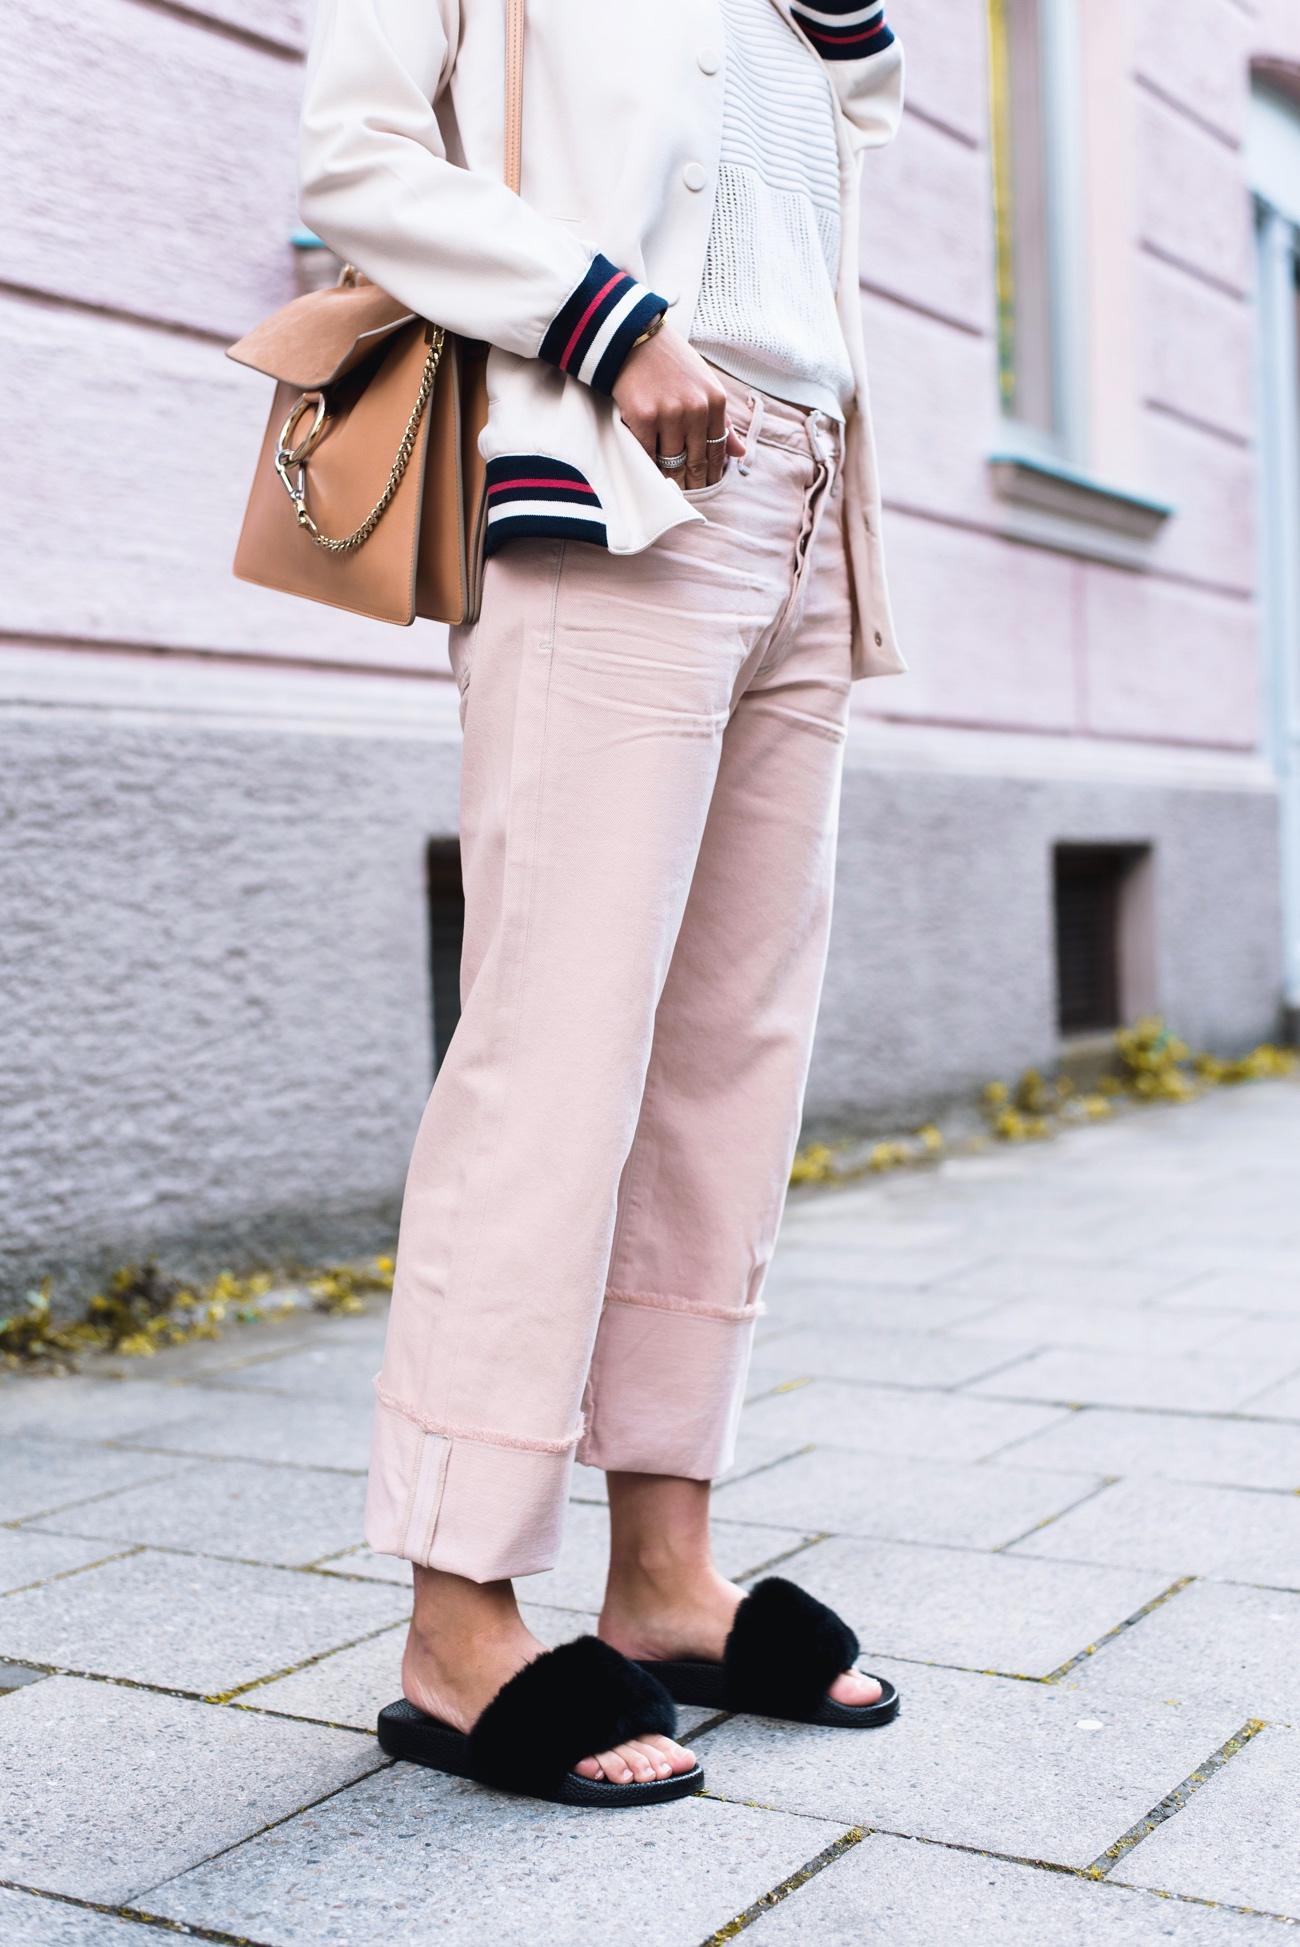 chloé-Tasche-Faye-aus-Leder-und-Veloursleder-misty-beige-blogger-street-style-fashiioncarpet